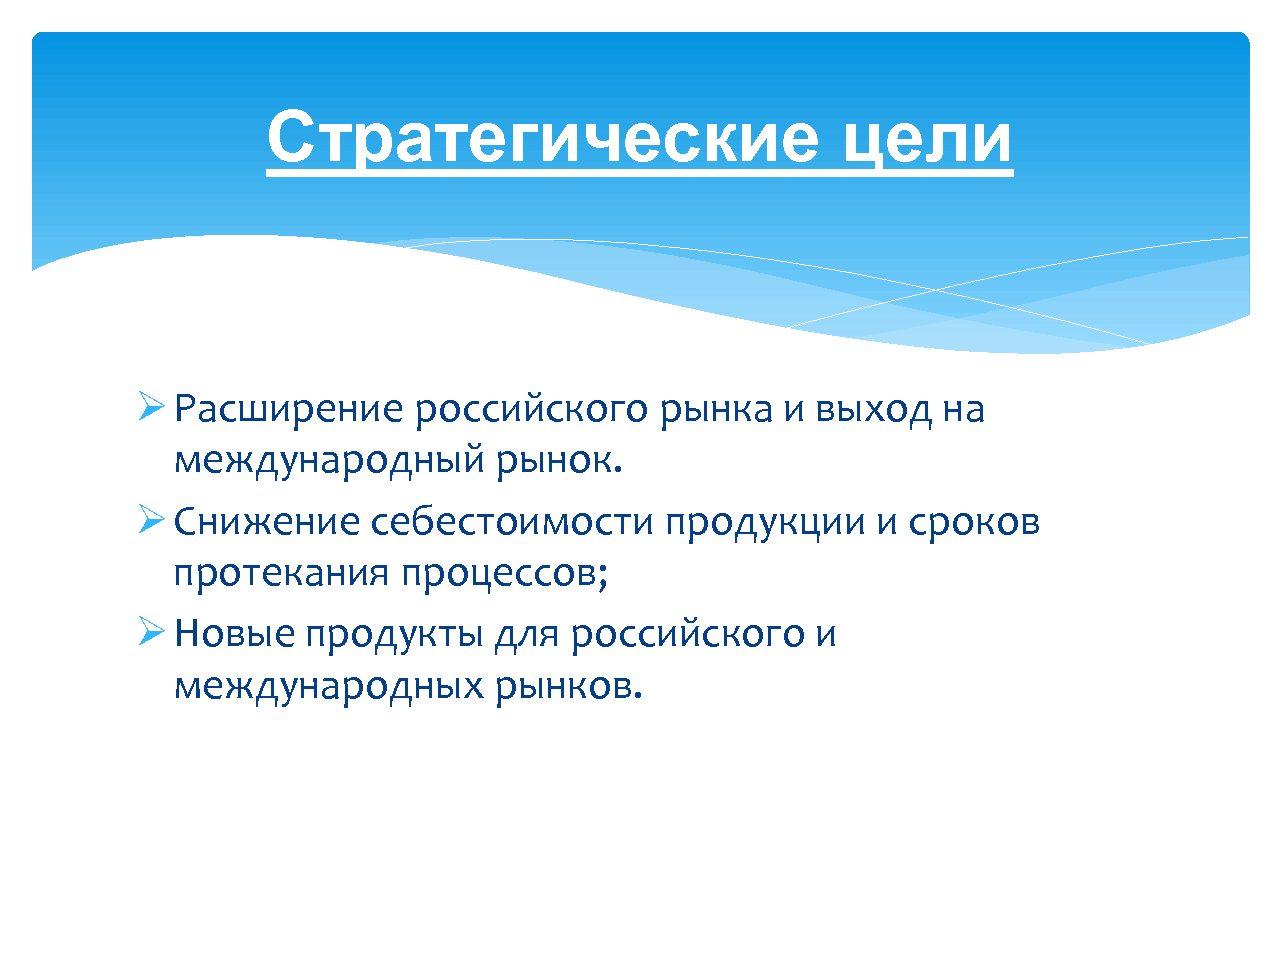 ПРЕЗЕНТАЦИЯ ред.03.08.18 2-10